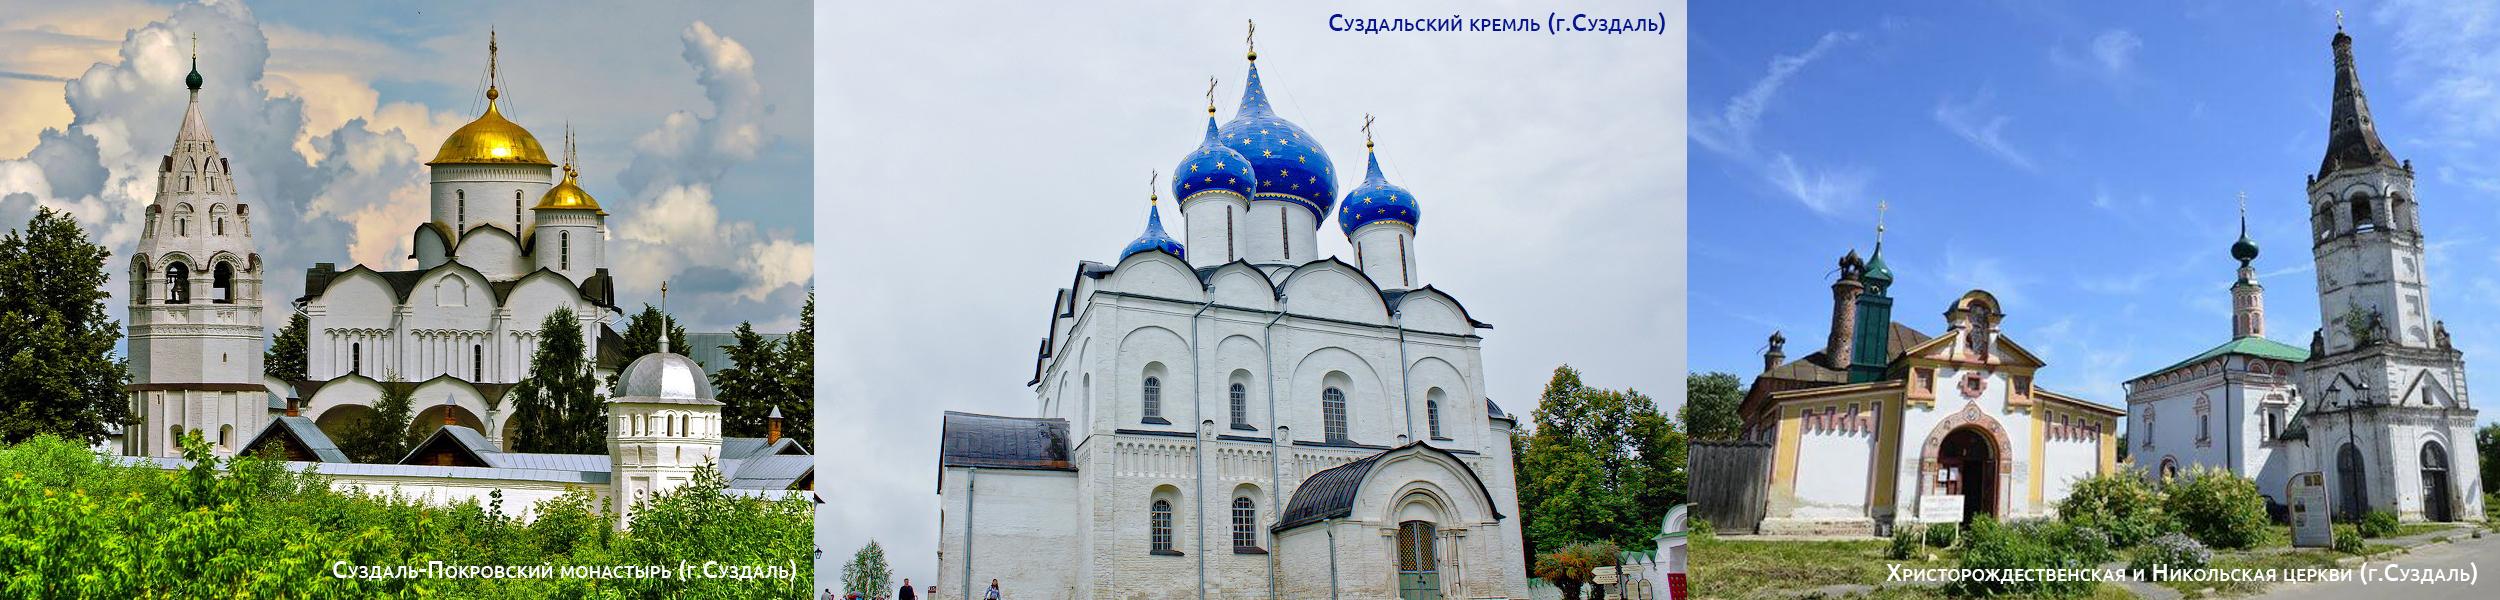 На фото Суздальский кремль, Суздаль-Покровский монастырь, Христорождественская и Никольская церкви